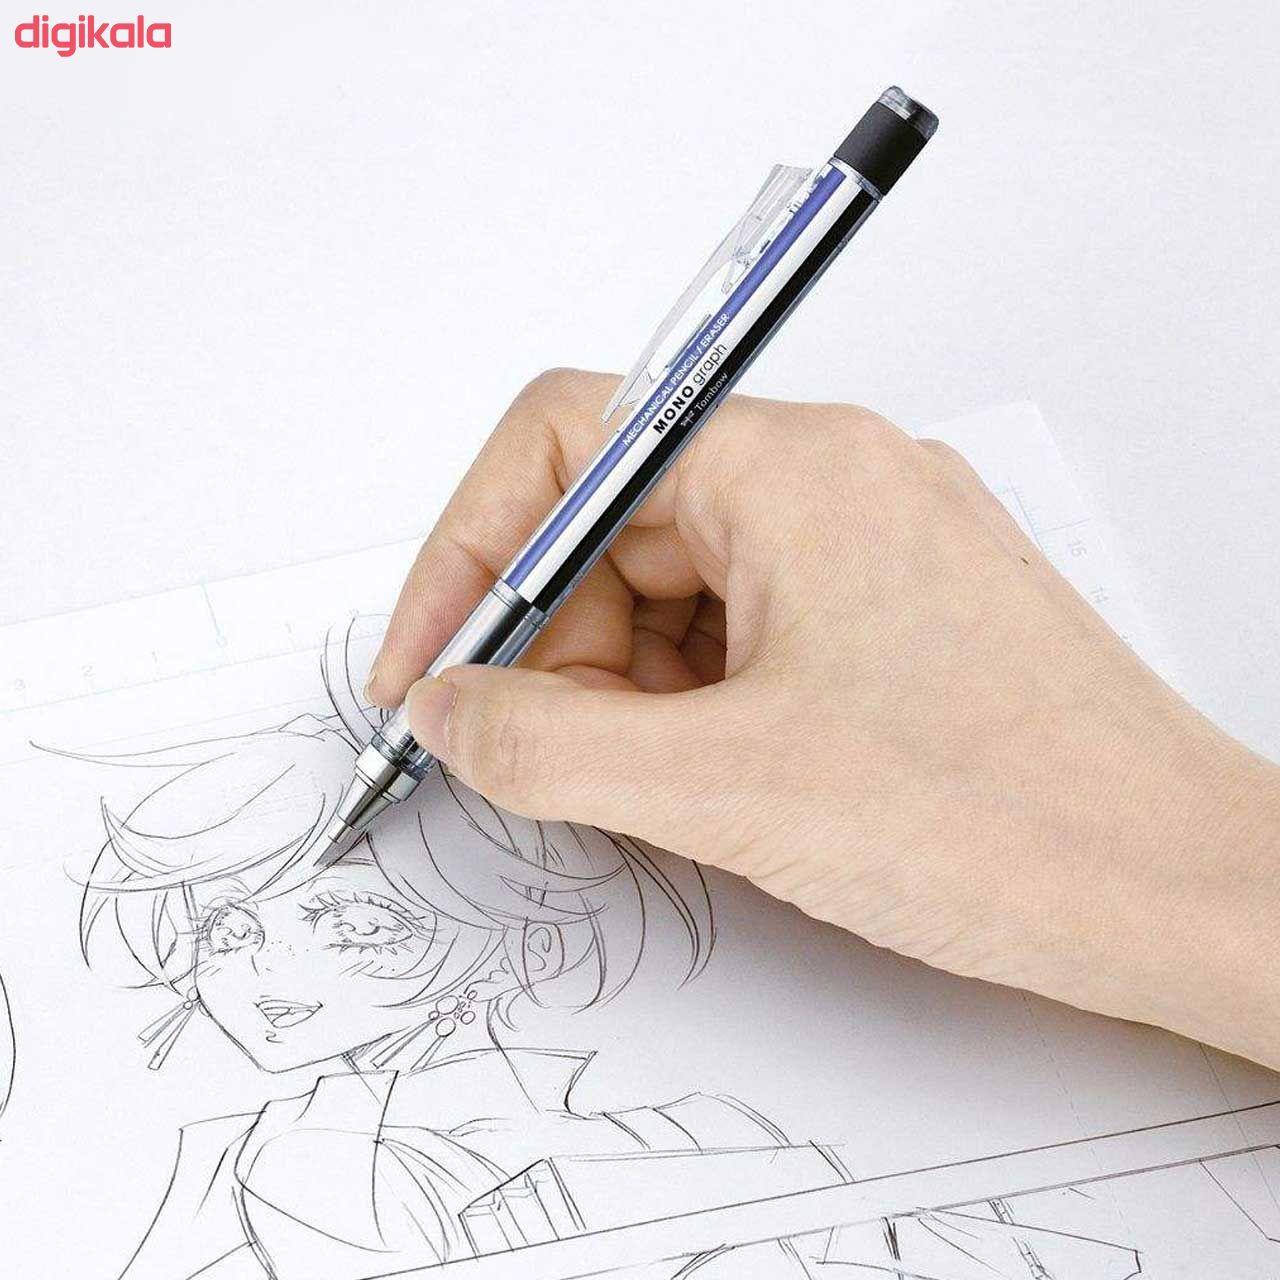 مداد نوکی 0.5 میلی متری تومبو مدل MONO GRAPPH main 1 22